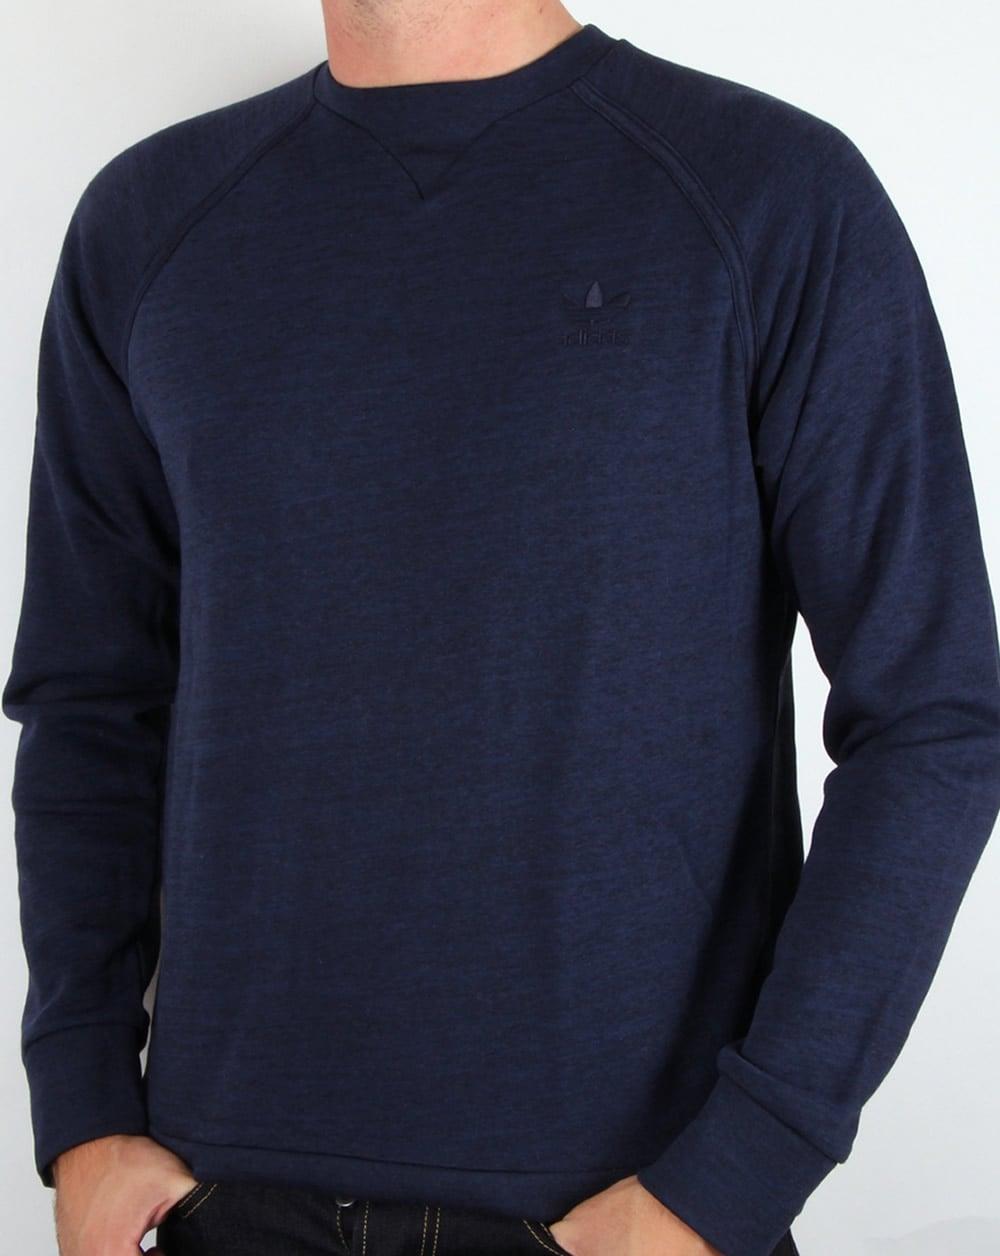 15ed673924b8df adidas Originals Adidas Originals Premium Sweatshirt Legend Ink